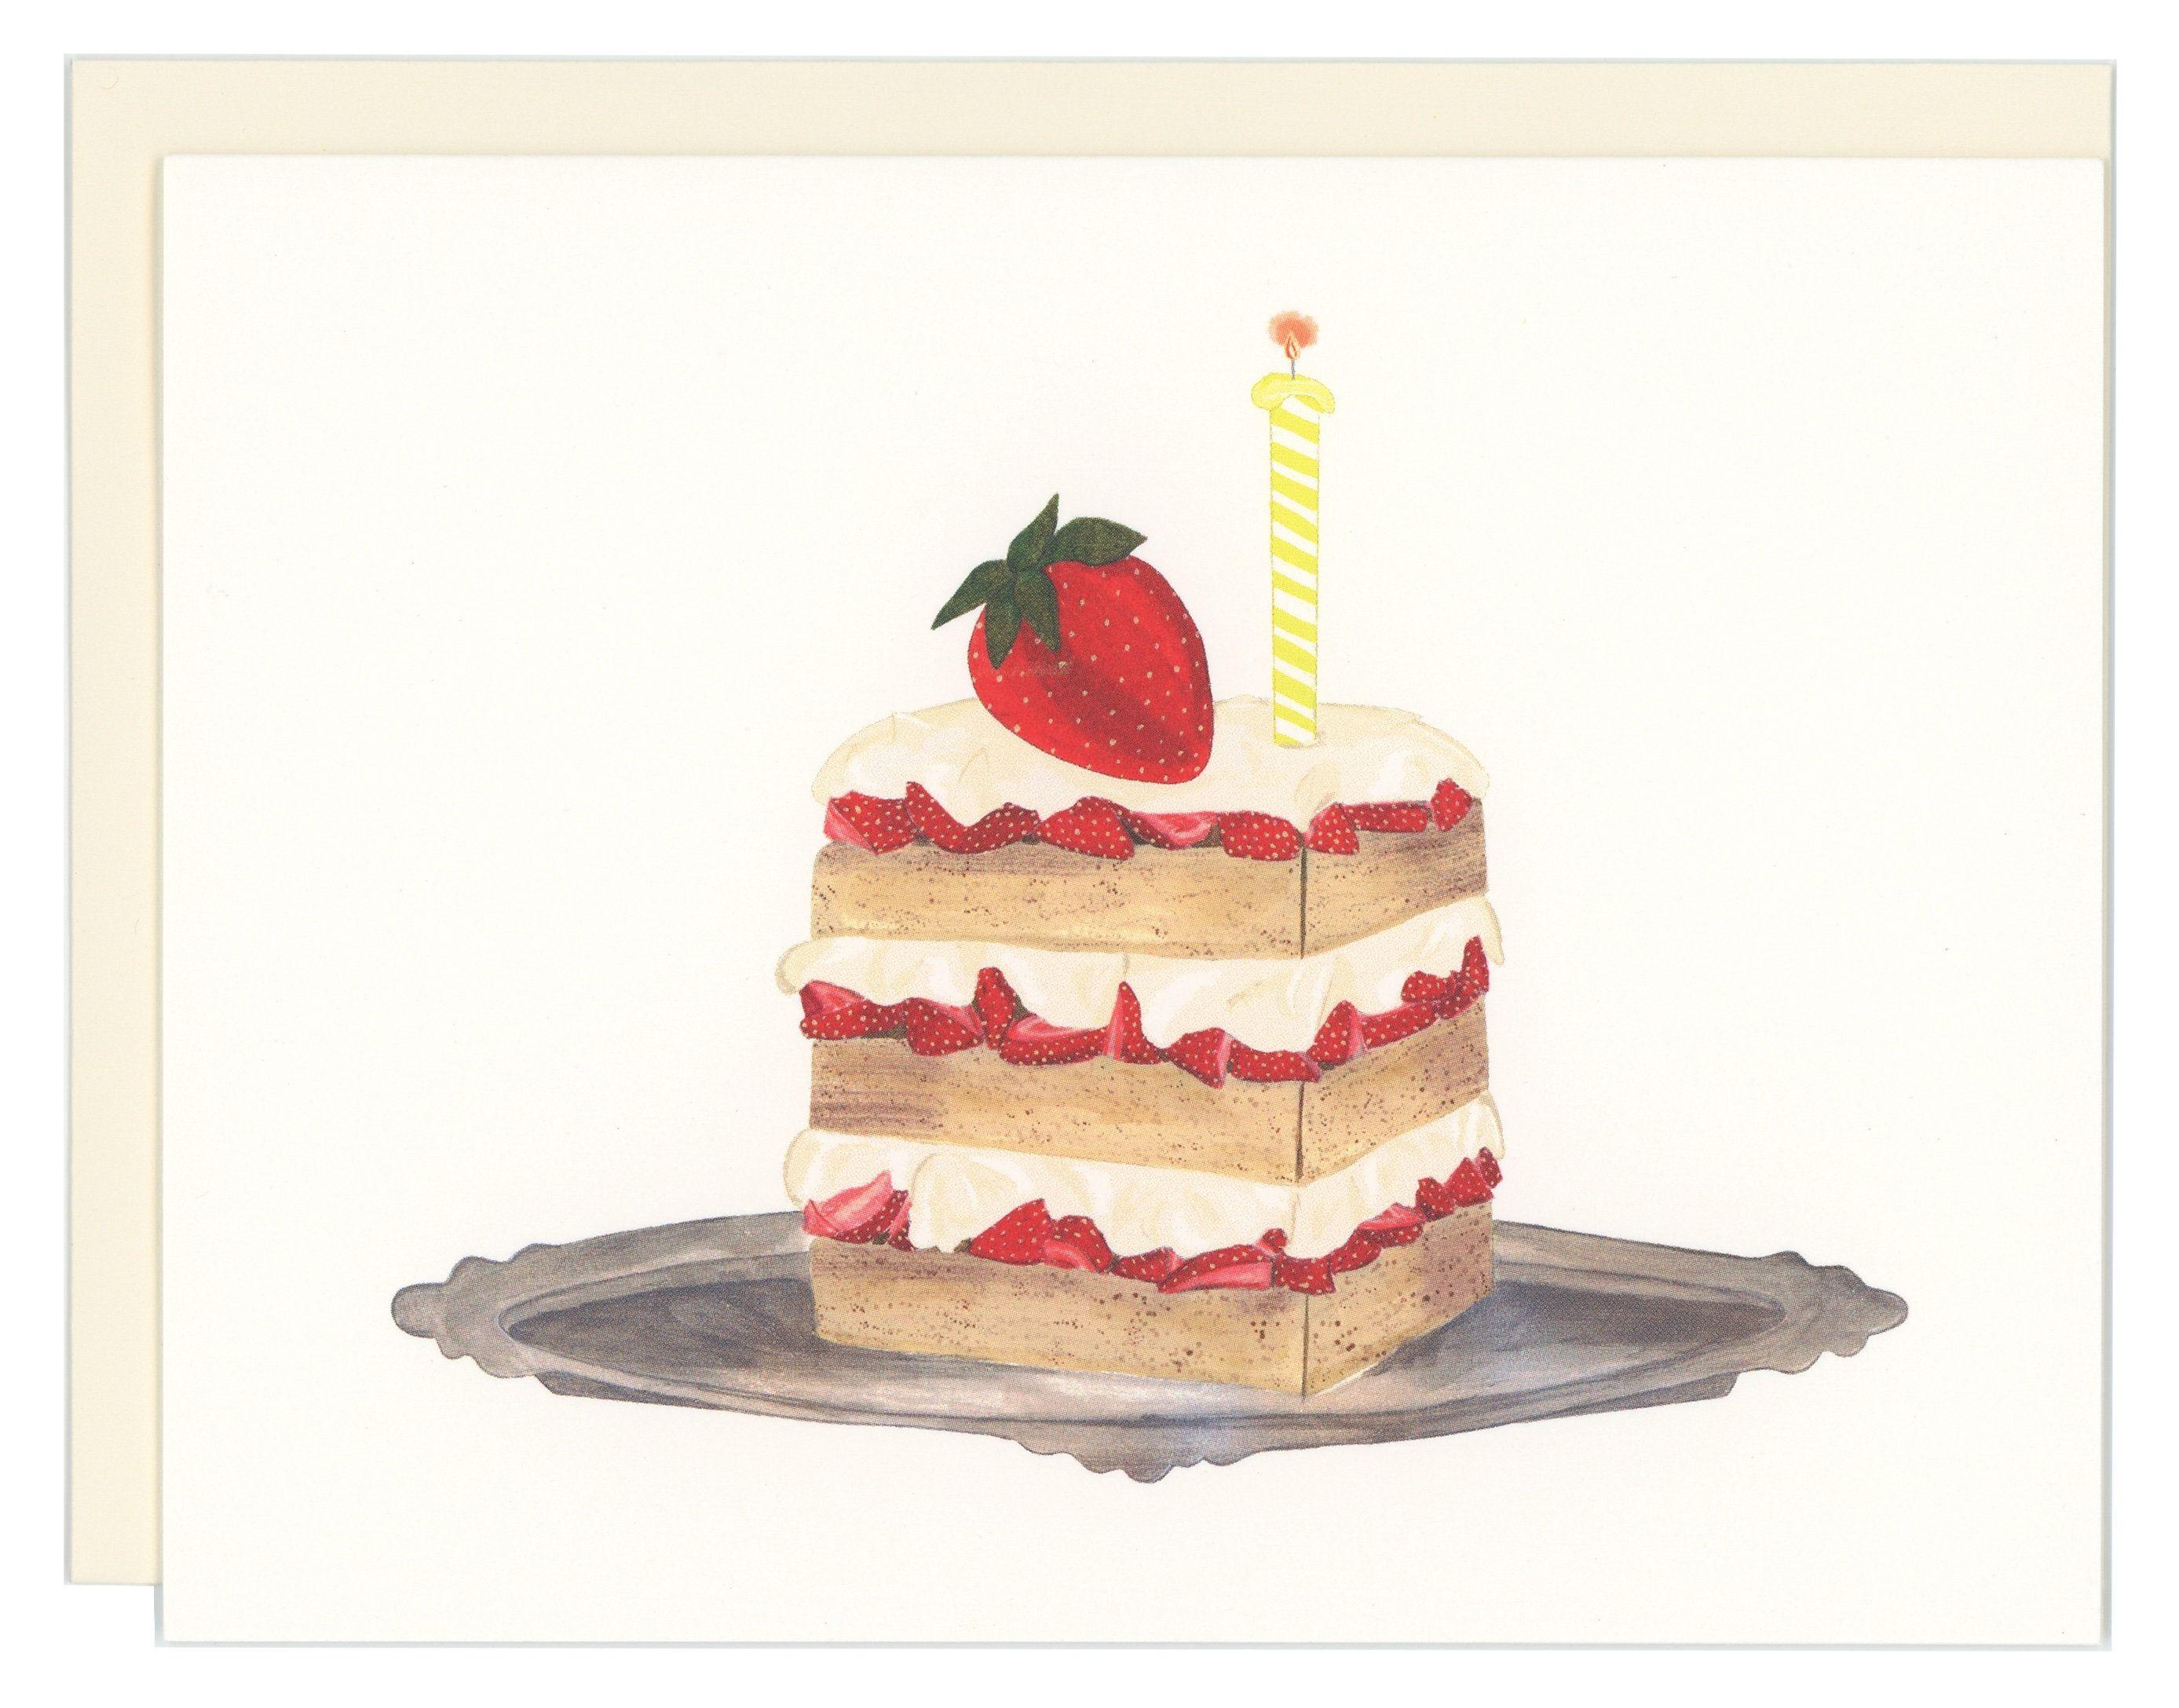 Strawberry Shortcake Birthday By Goodpostage On Etsy Cake Drawing Birthday Cake Drawing Strawberry Shortcake Birthday